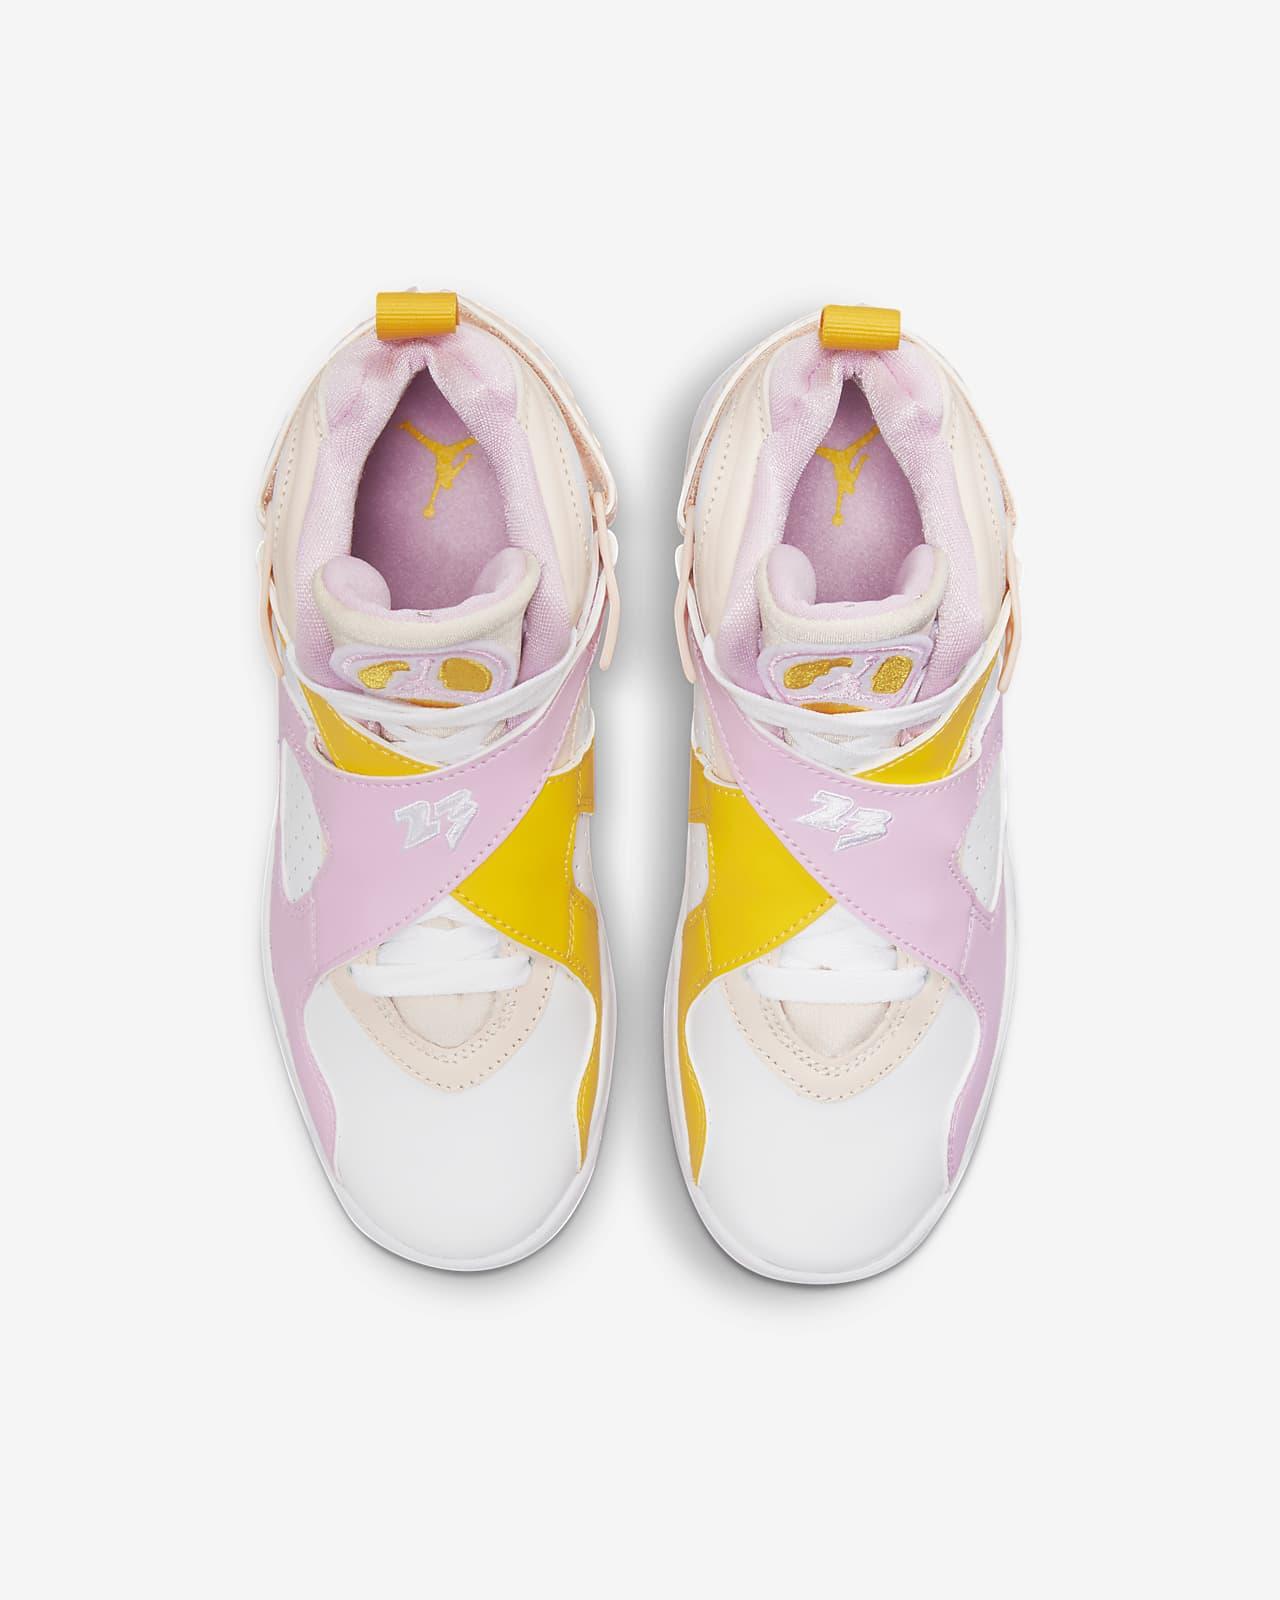 Air Jordan 8 Retro Big Kids' Shoe